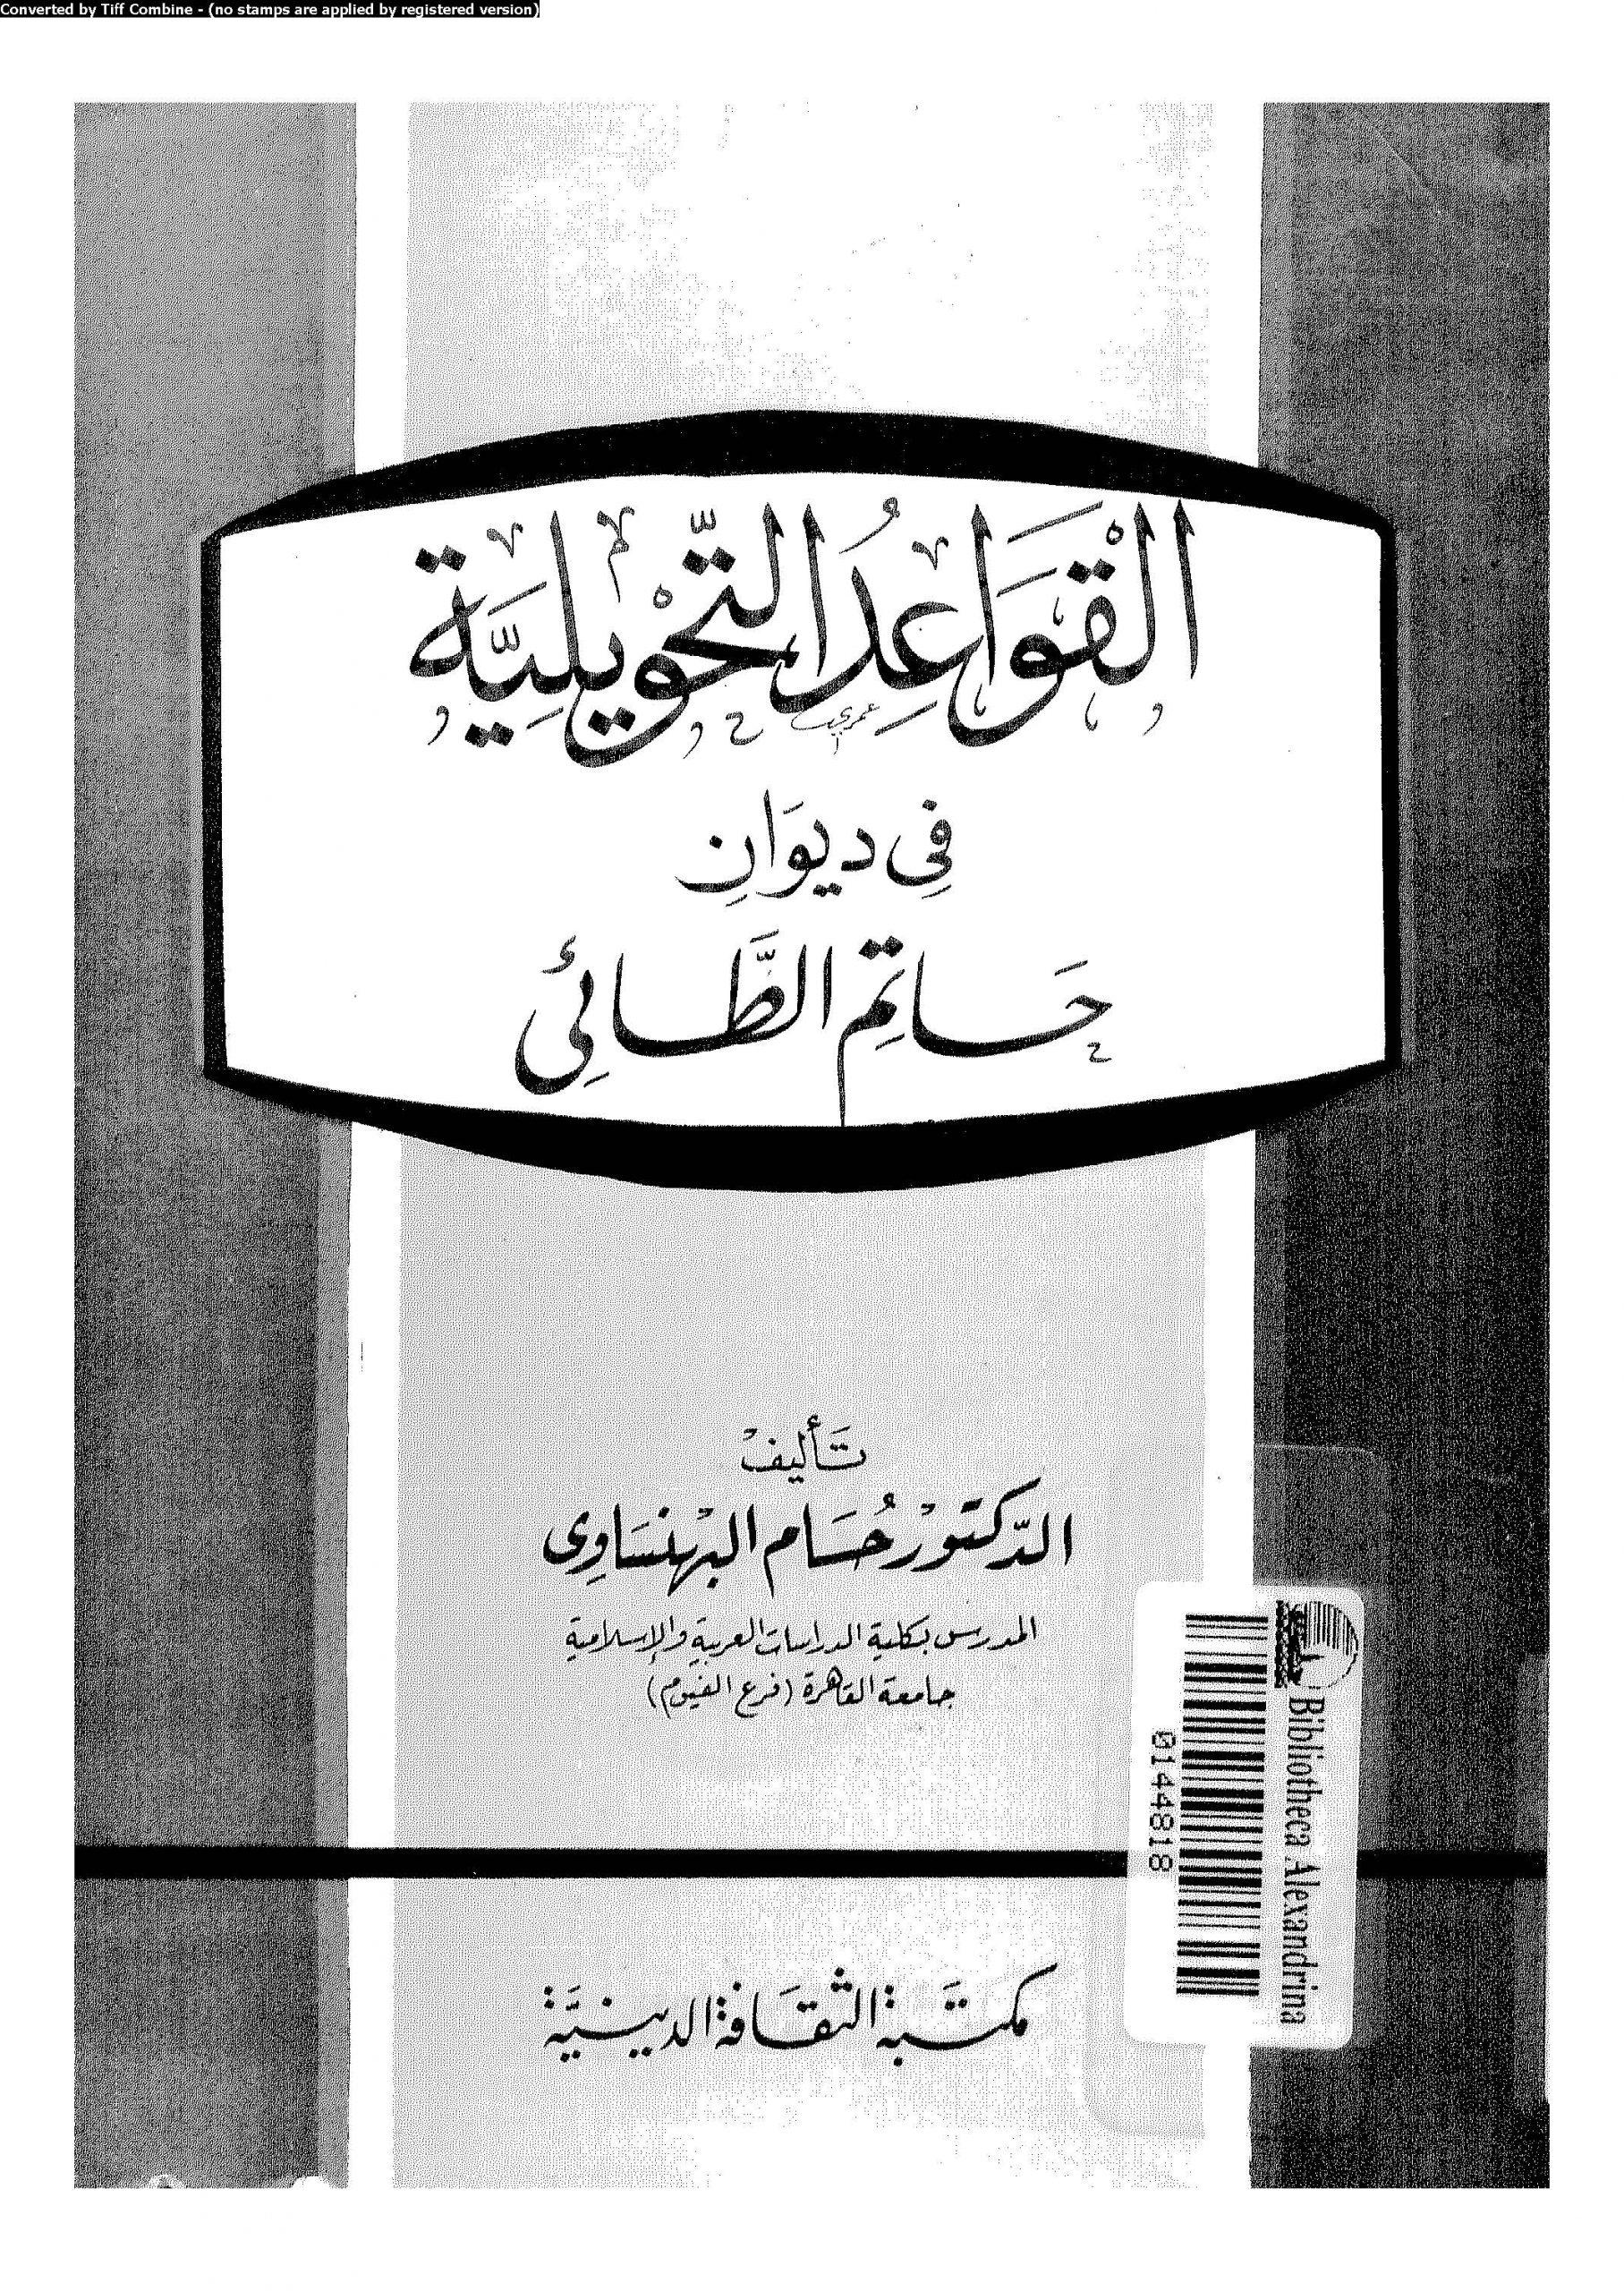 تحميل كتاب القواعد النحوية في ديوان حاتم الطائي pdf